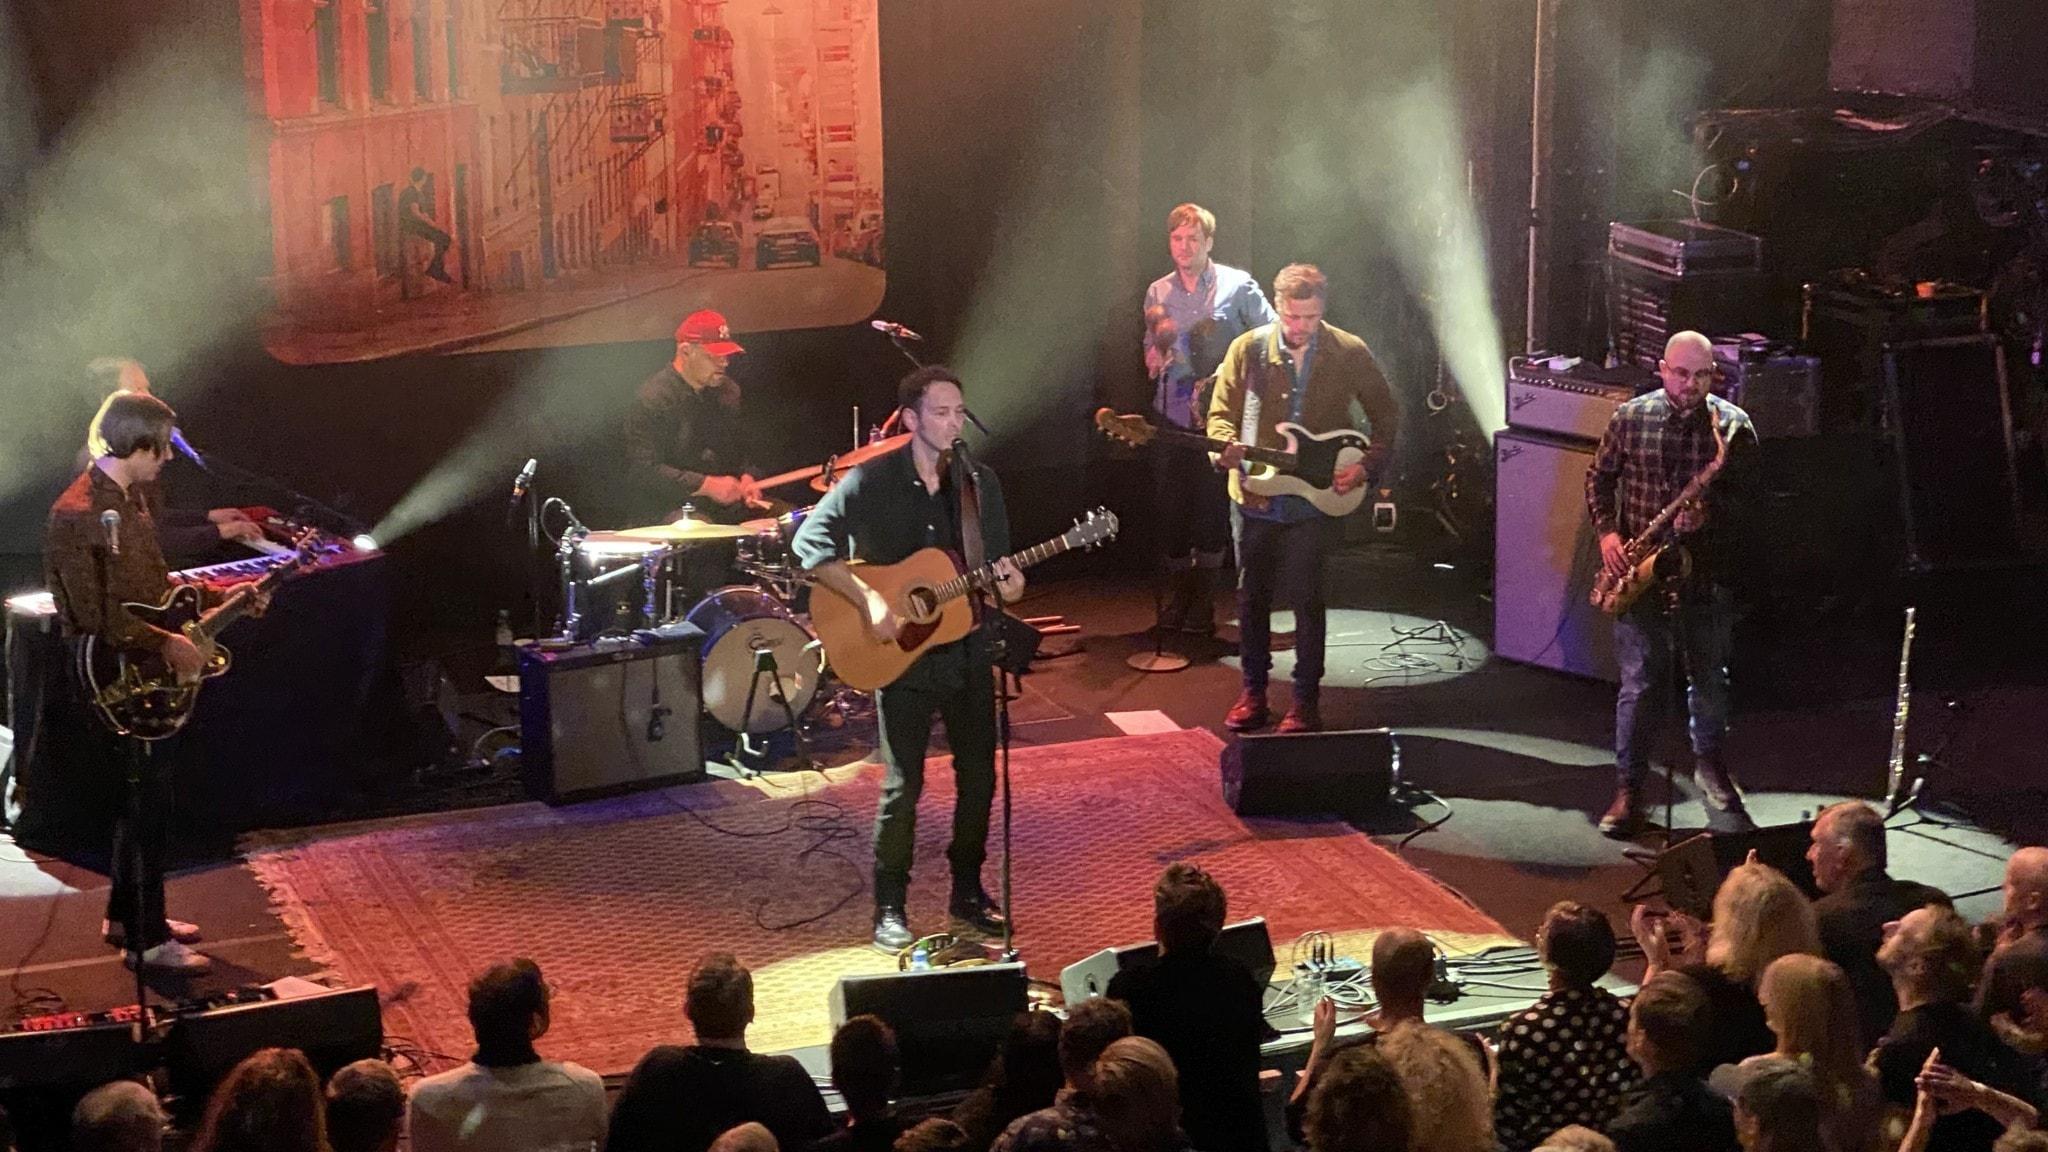 Joel Alme med band uppträdde på Pustervik i Göteborg under hösten 2019.